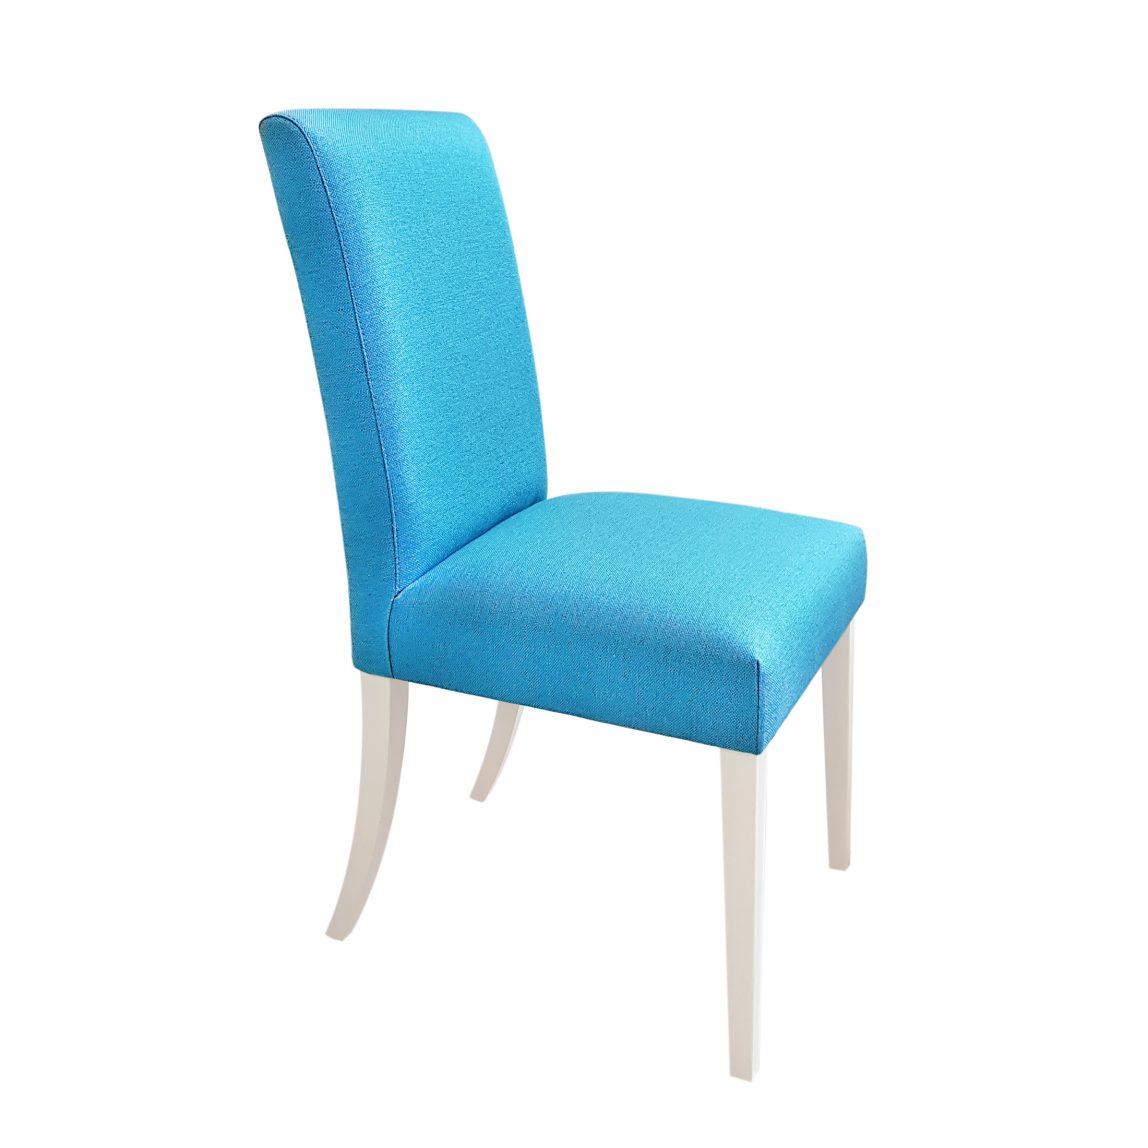 Мягкий прямой стул Пикас